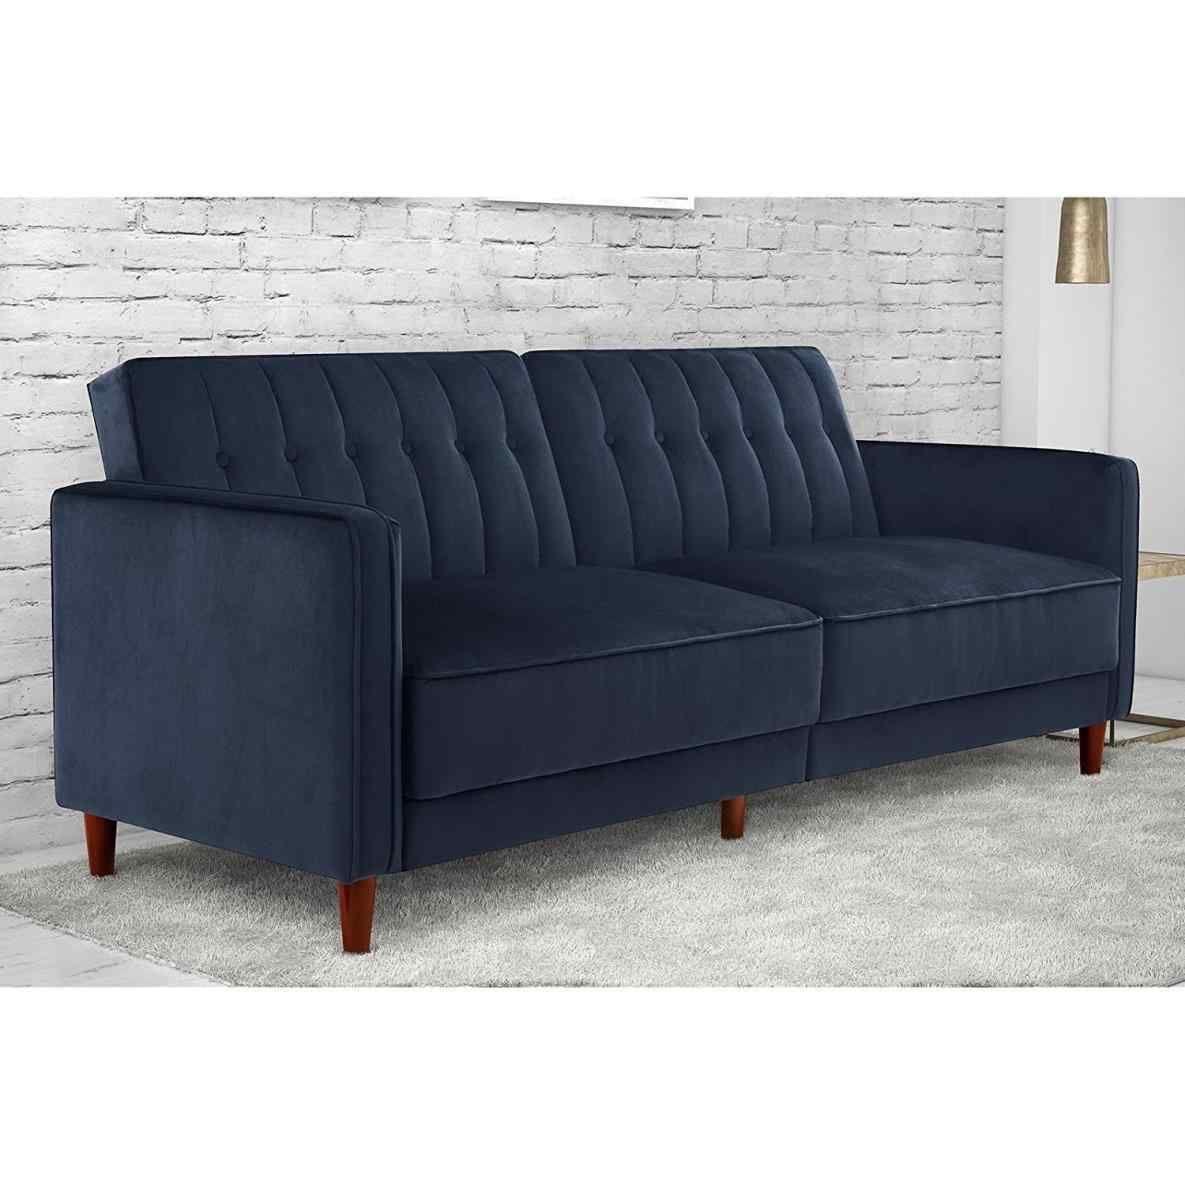 Seat Beds Blu Bank Blue Dot Sleeper Sofa Deep Seat Beds Blu Diplomat U  Reviews Allmodern